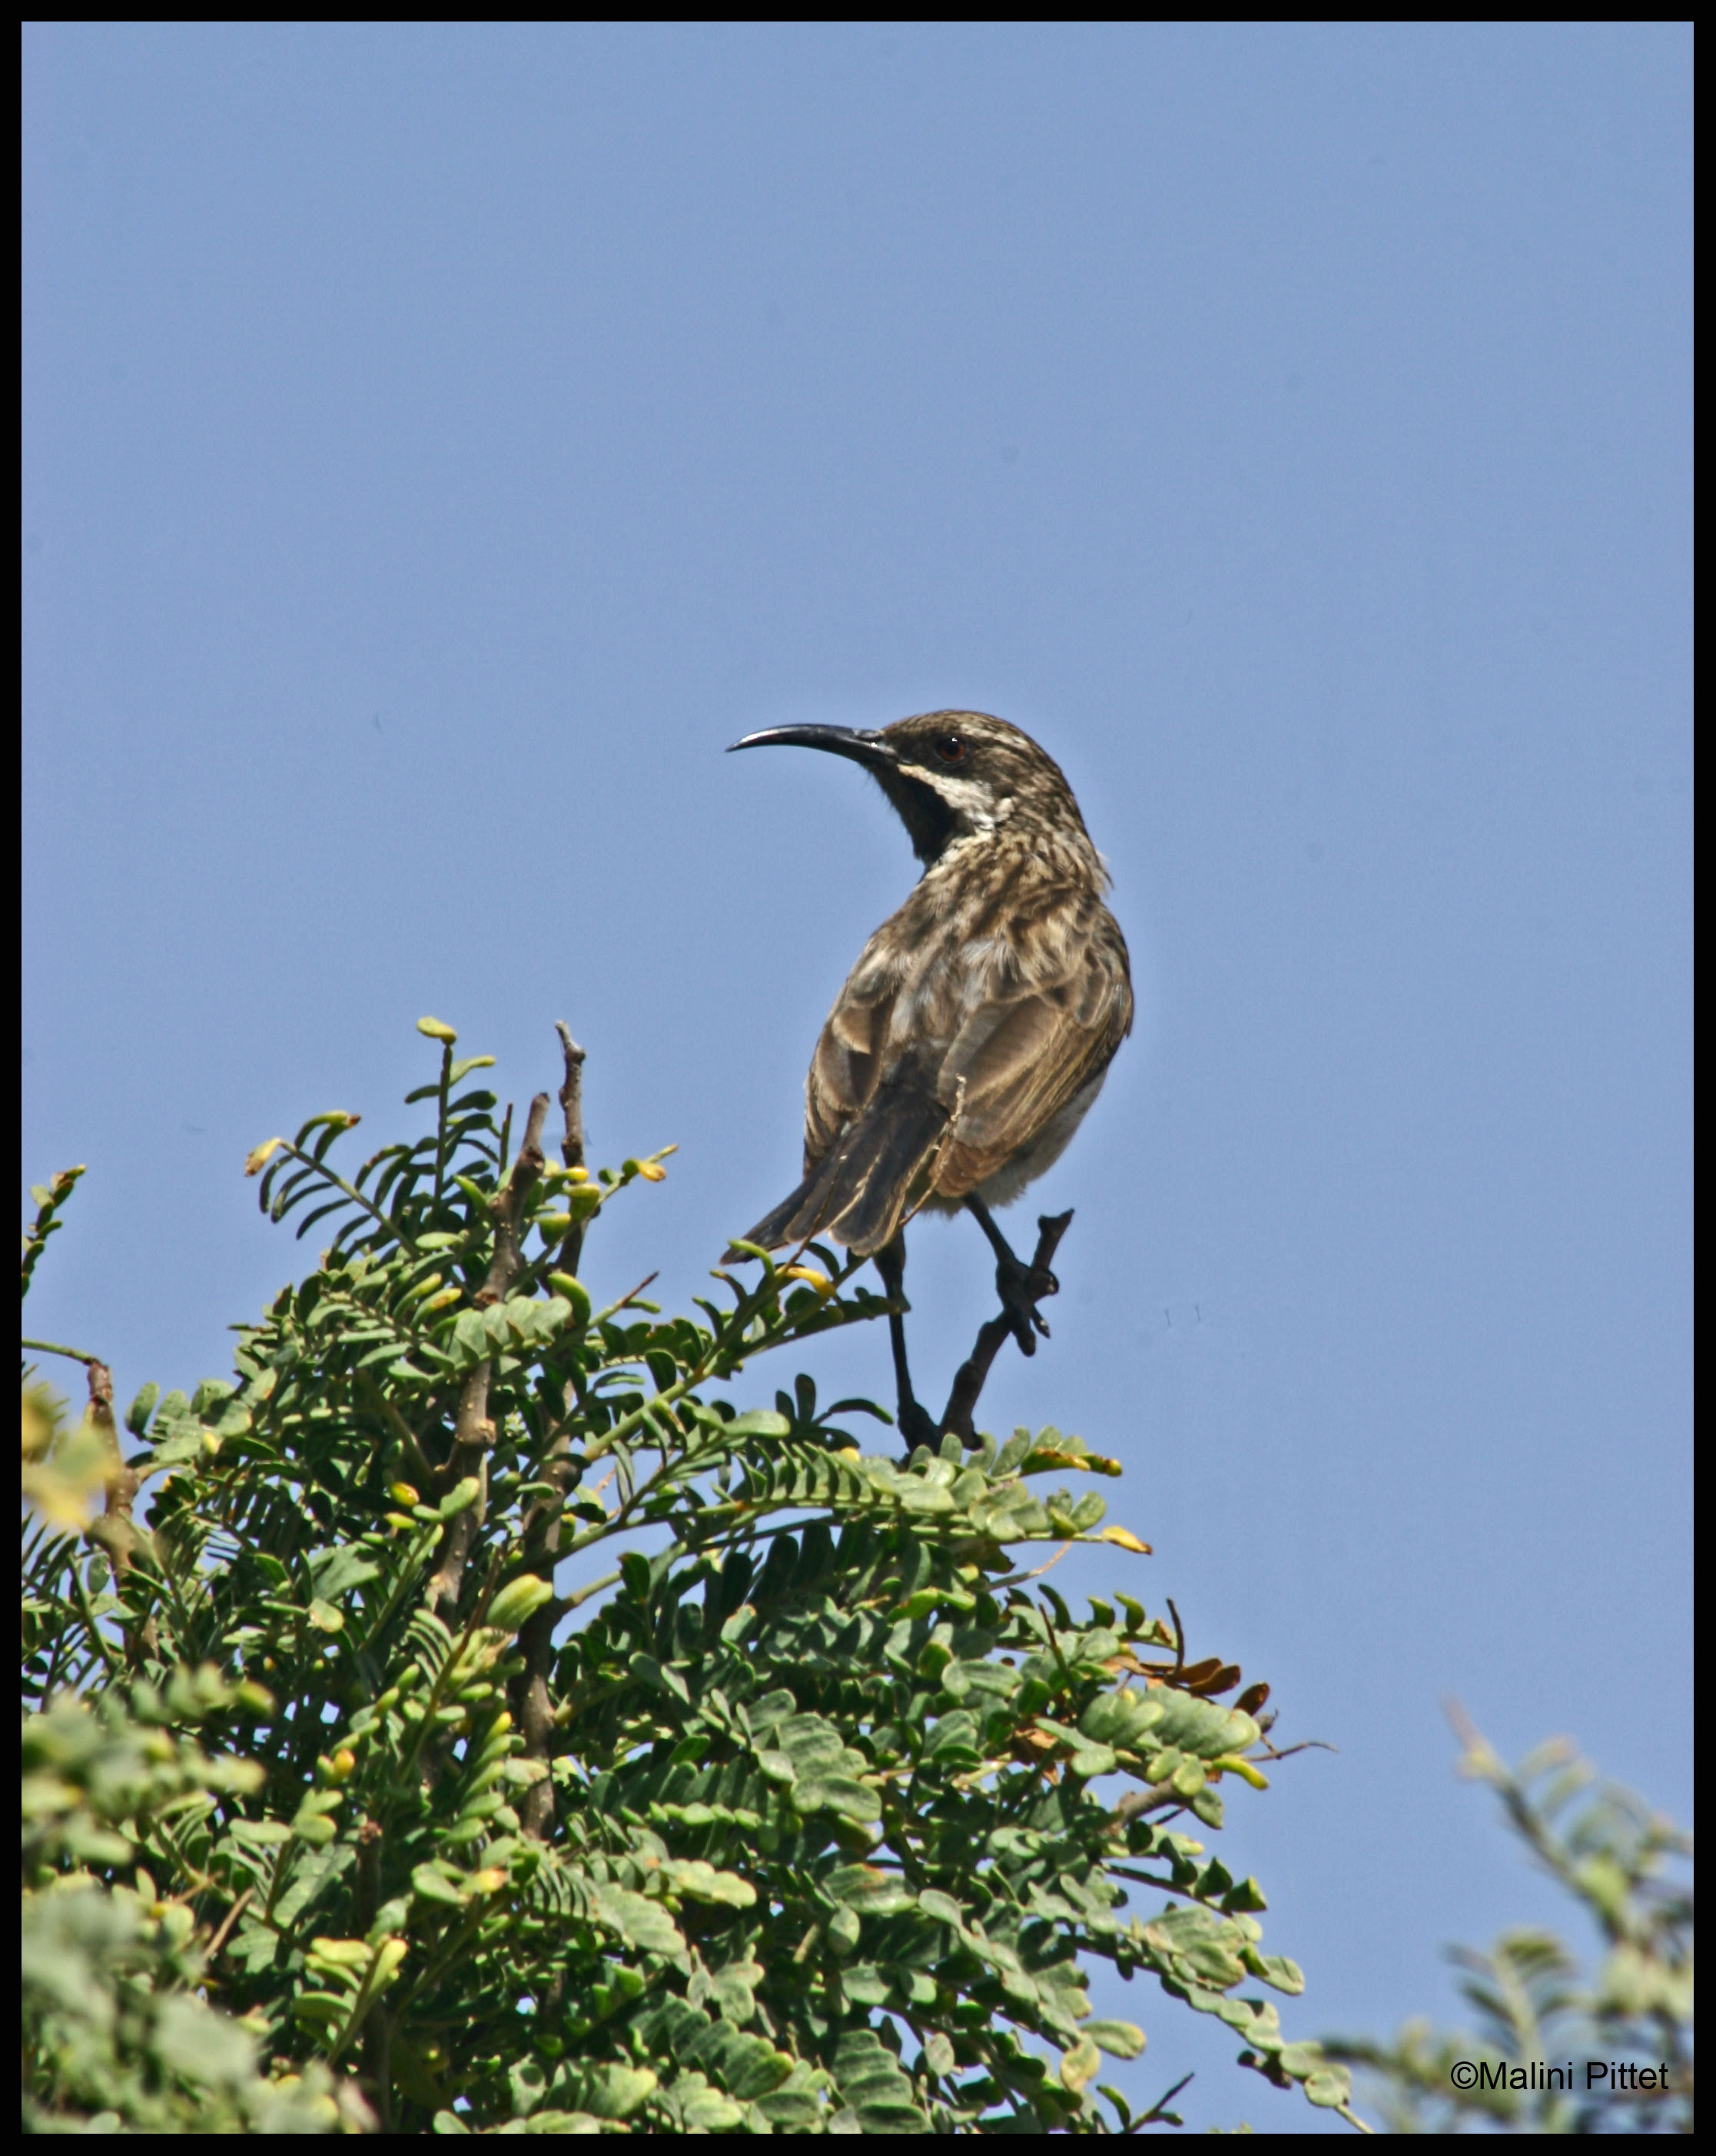 Socotra sunbird